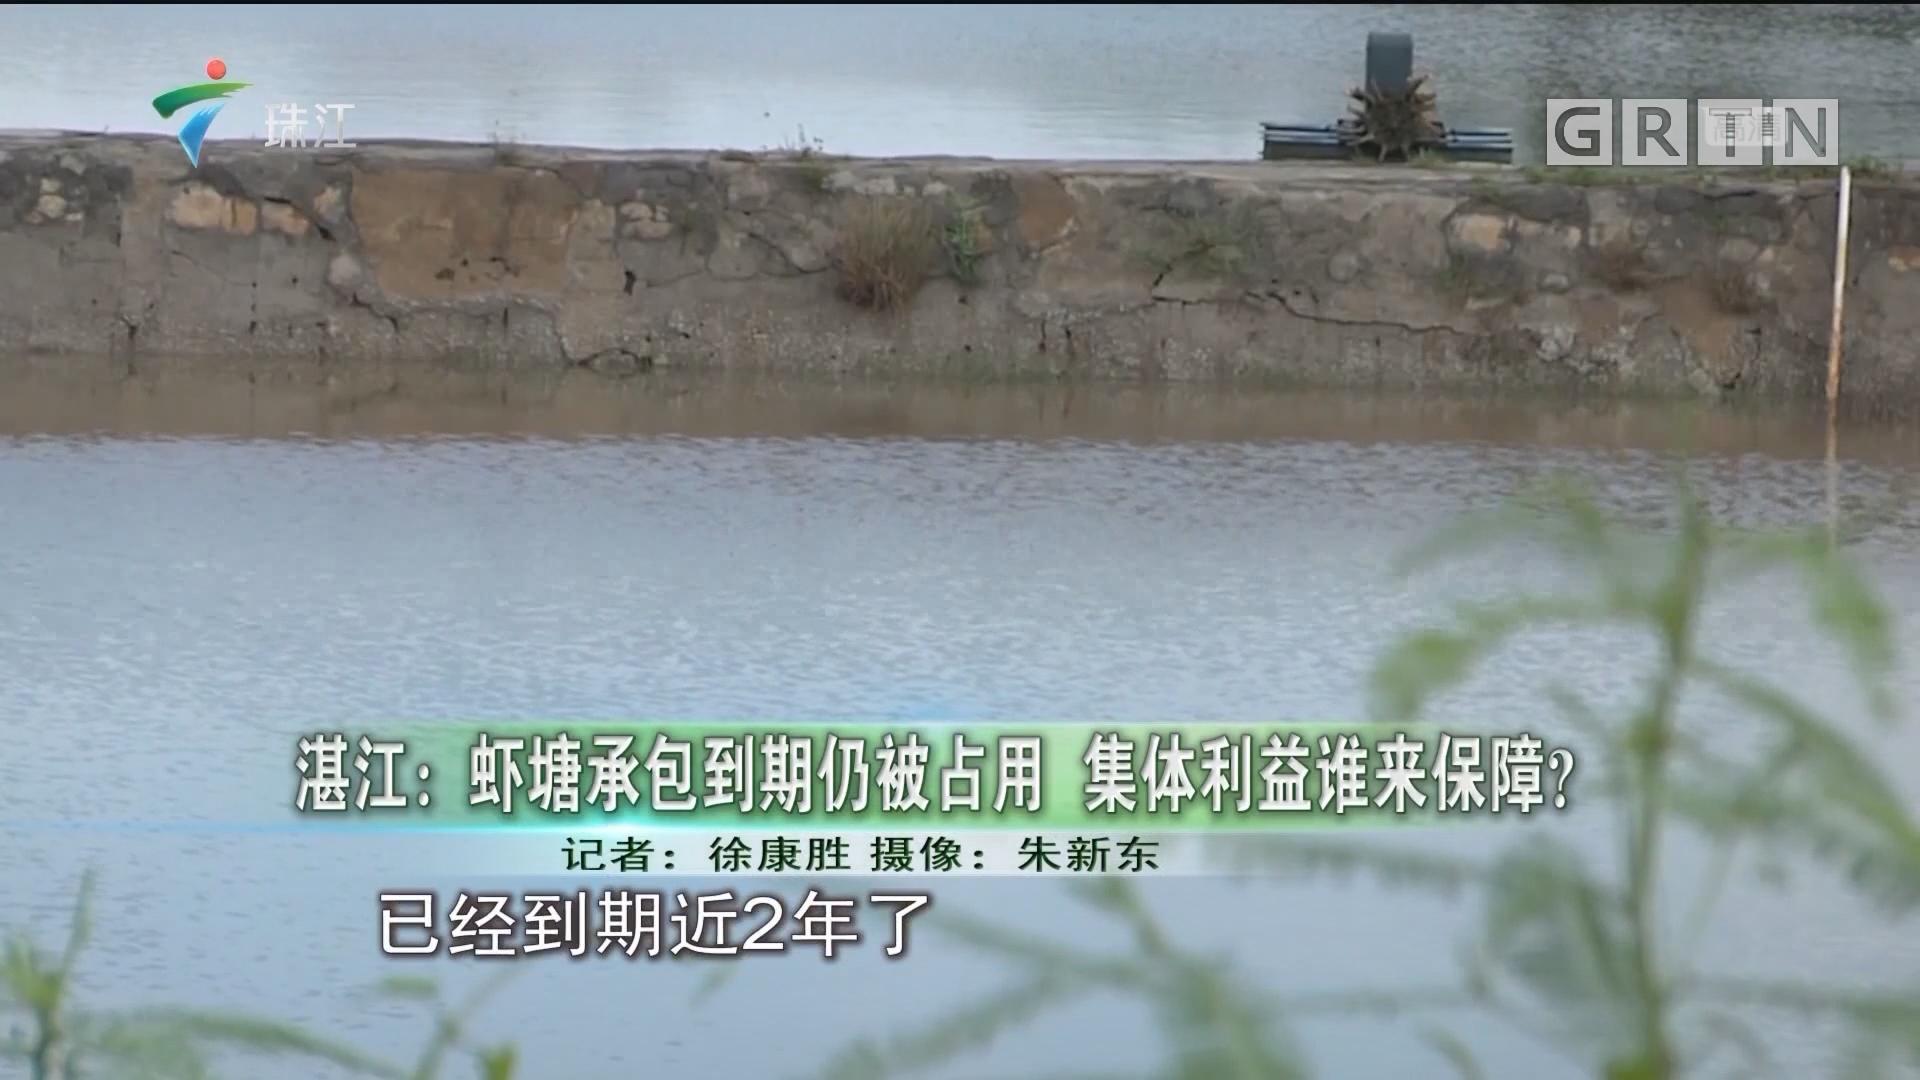 湛江:虾塘承包到期仍被占用 集体利益谁来保障?